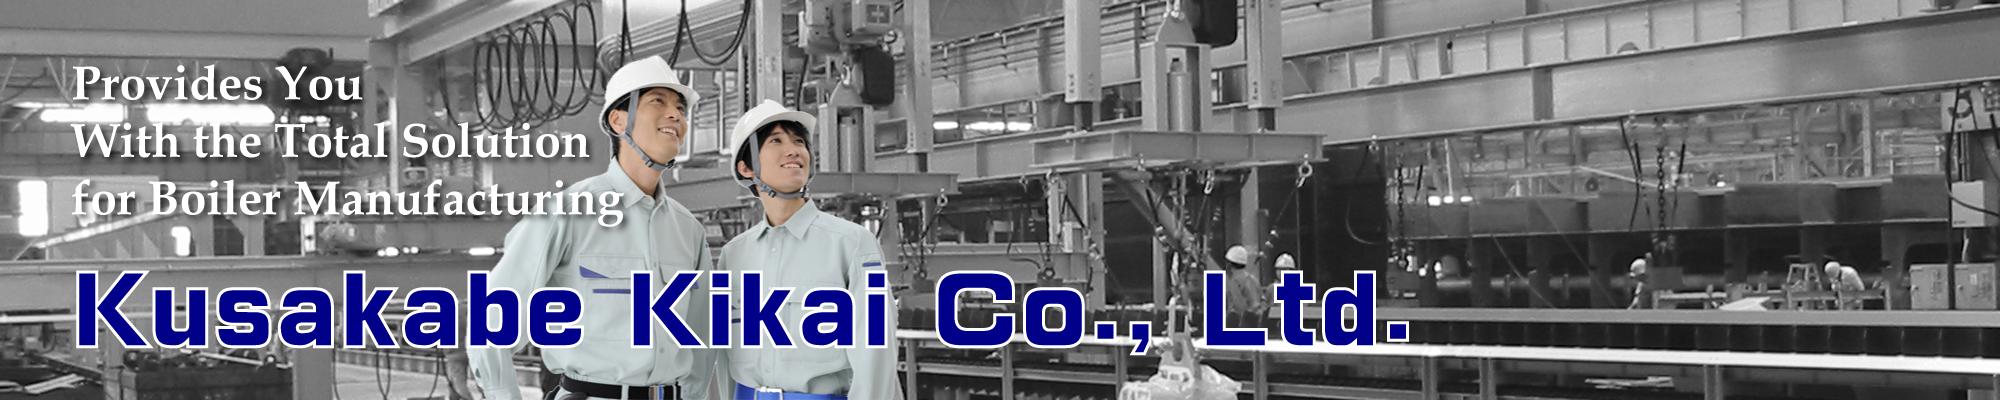 kusakabe kikai co., Ltd.